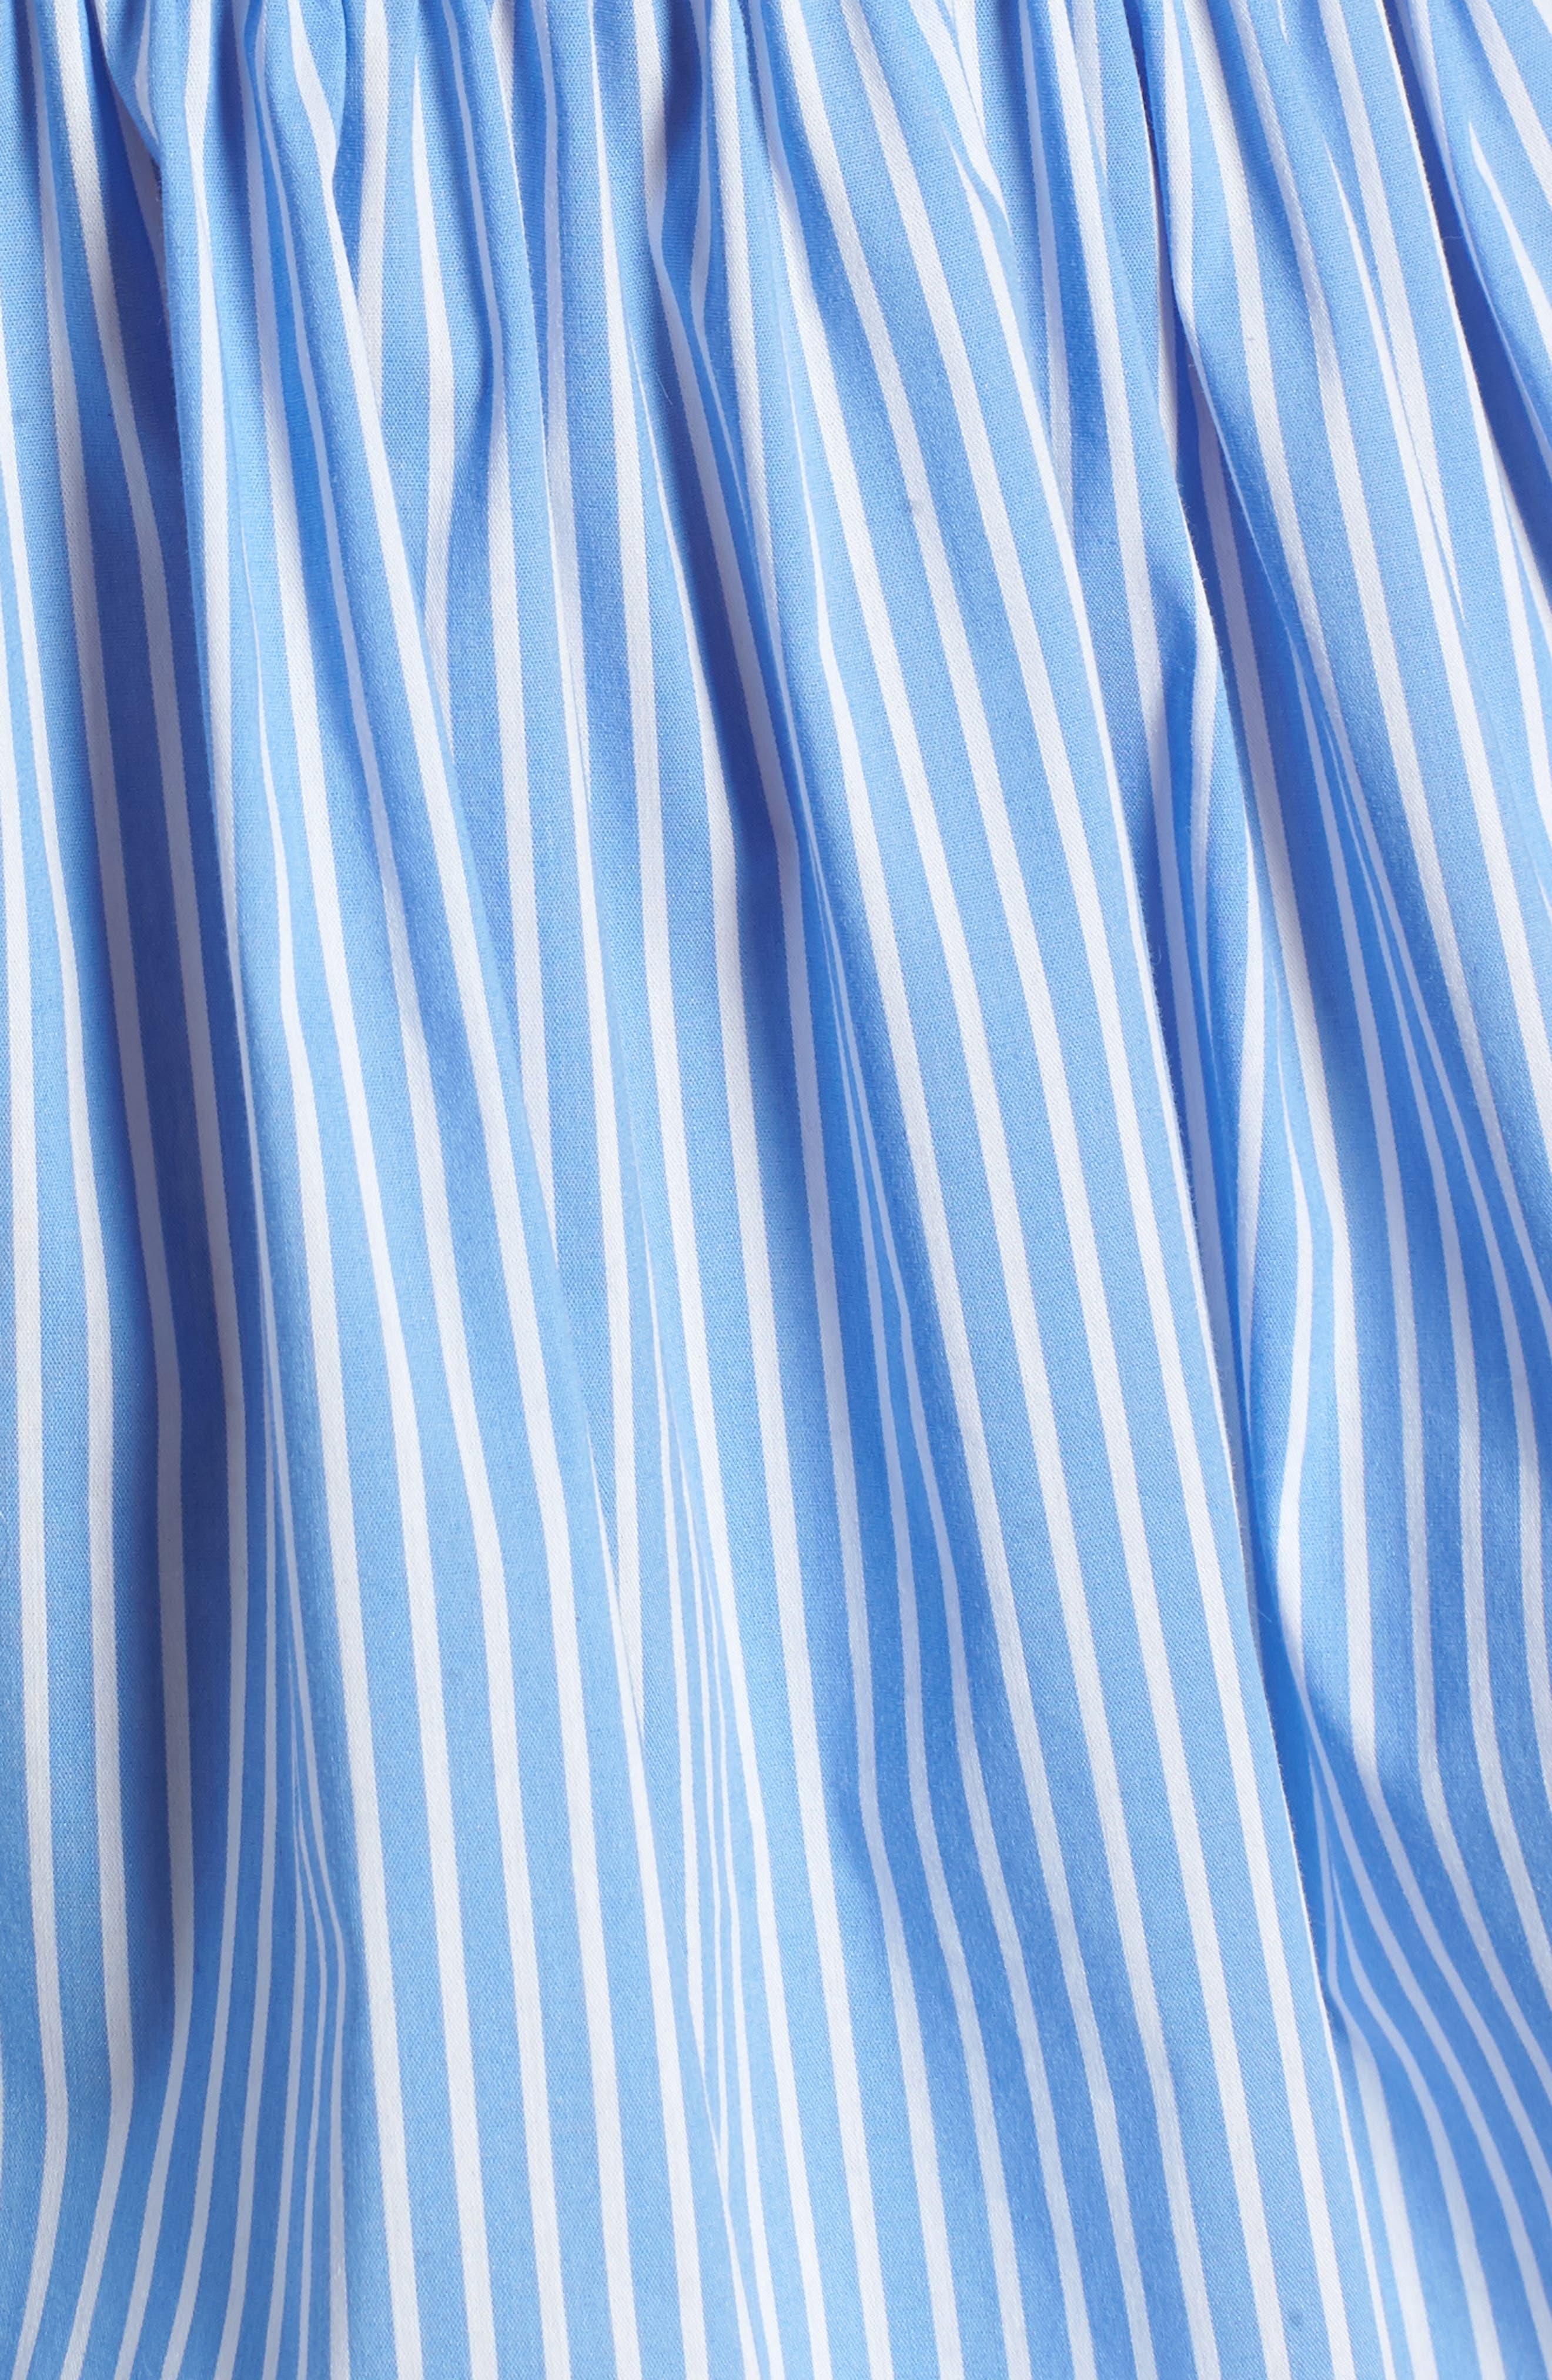 Mix Stripe Peplum Top,                             Alternate thumbnail 6, color,                             Blue White Combo